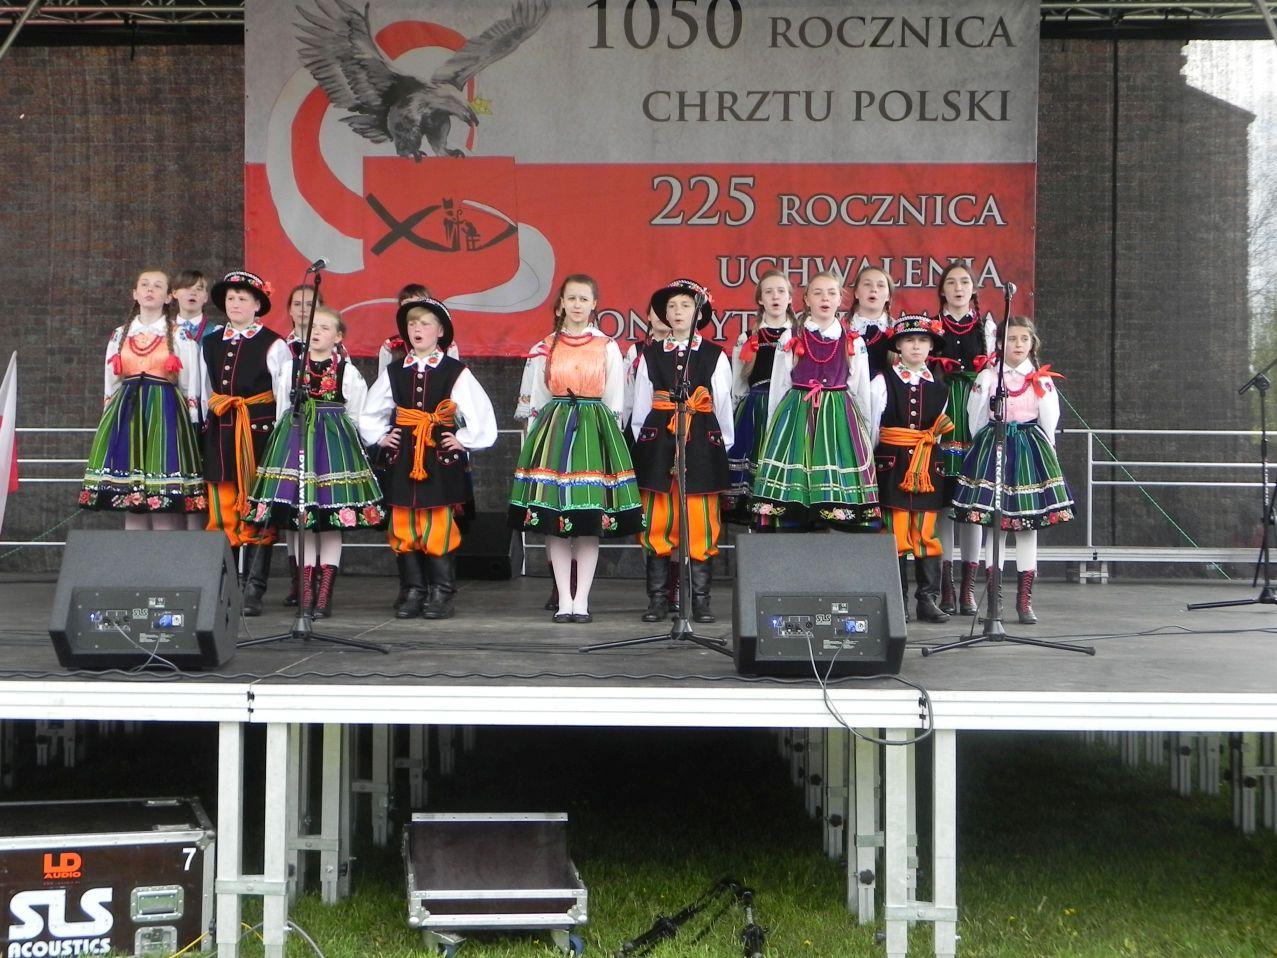 2016-05-03 Rawa Maz. - Radosne Święto (45)